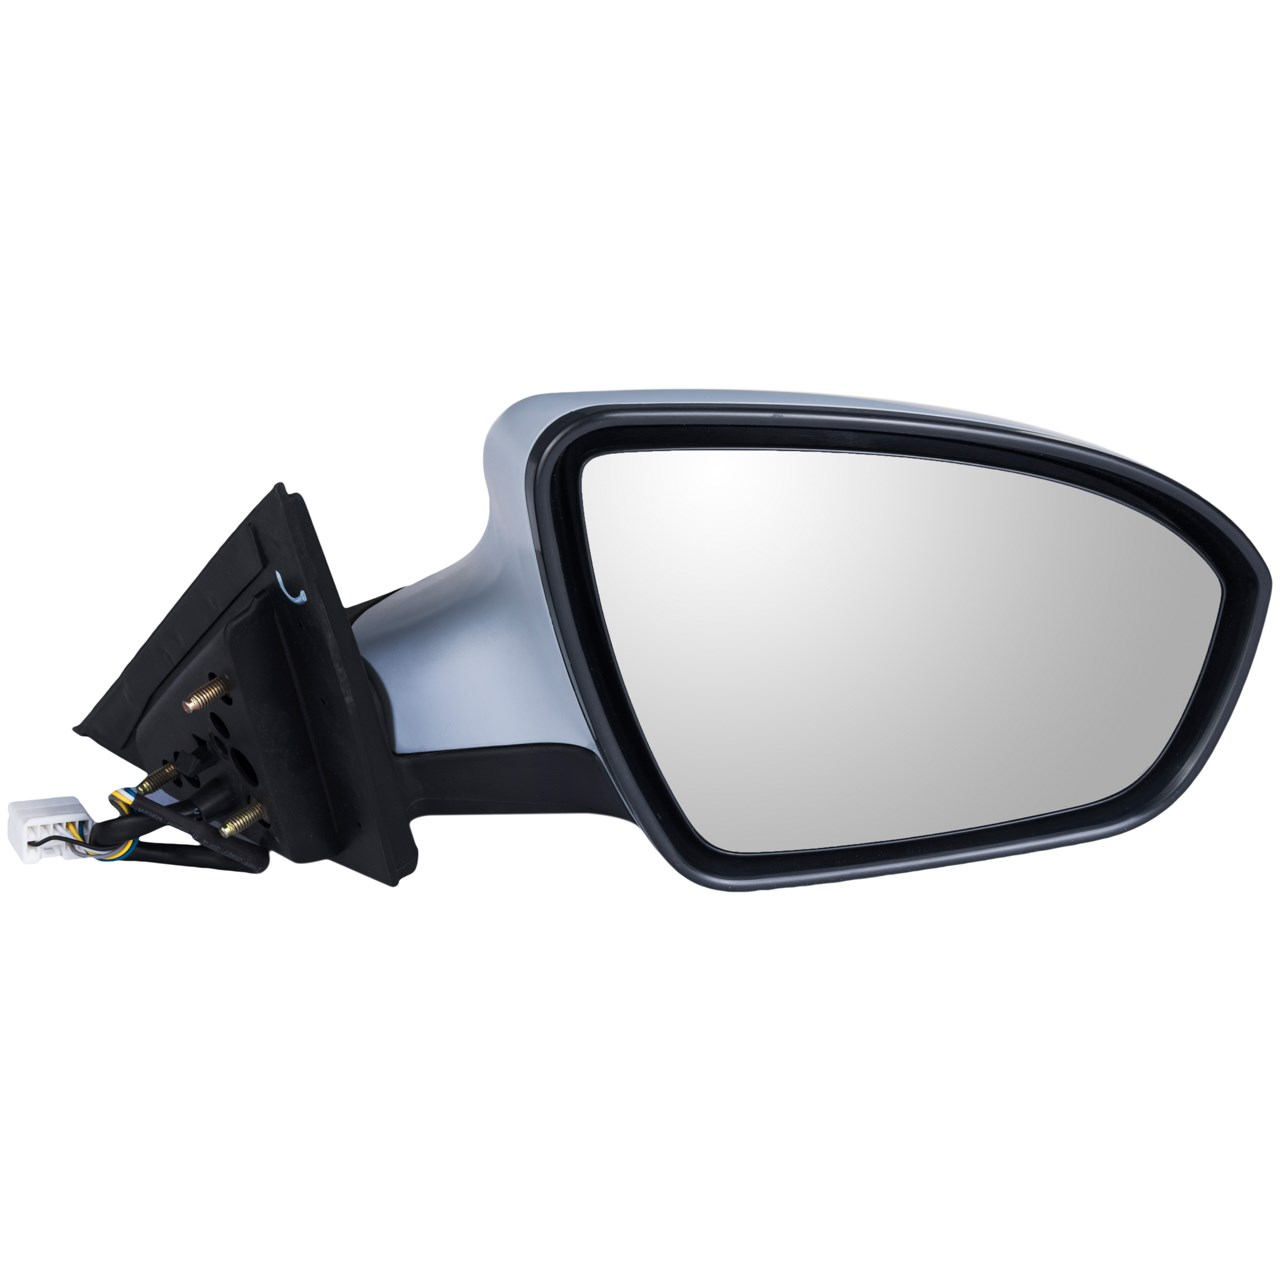 آینه بغل راست مدل G8202200 مناسب برای خودروهای لیفان